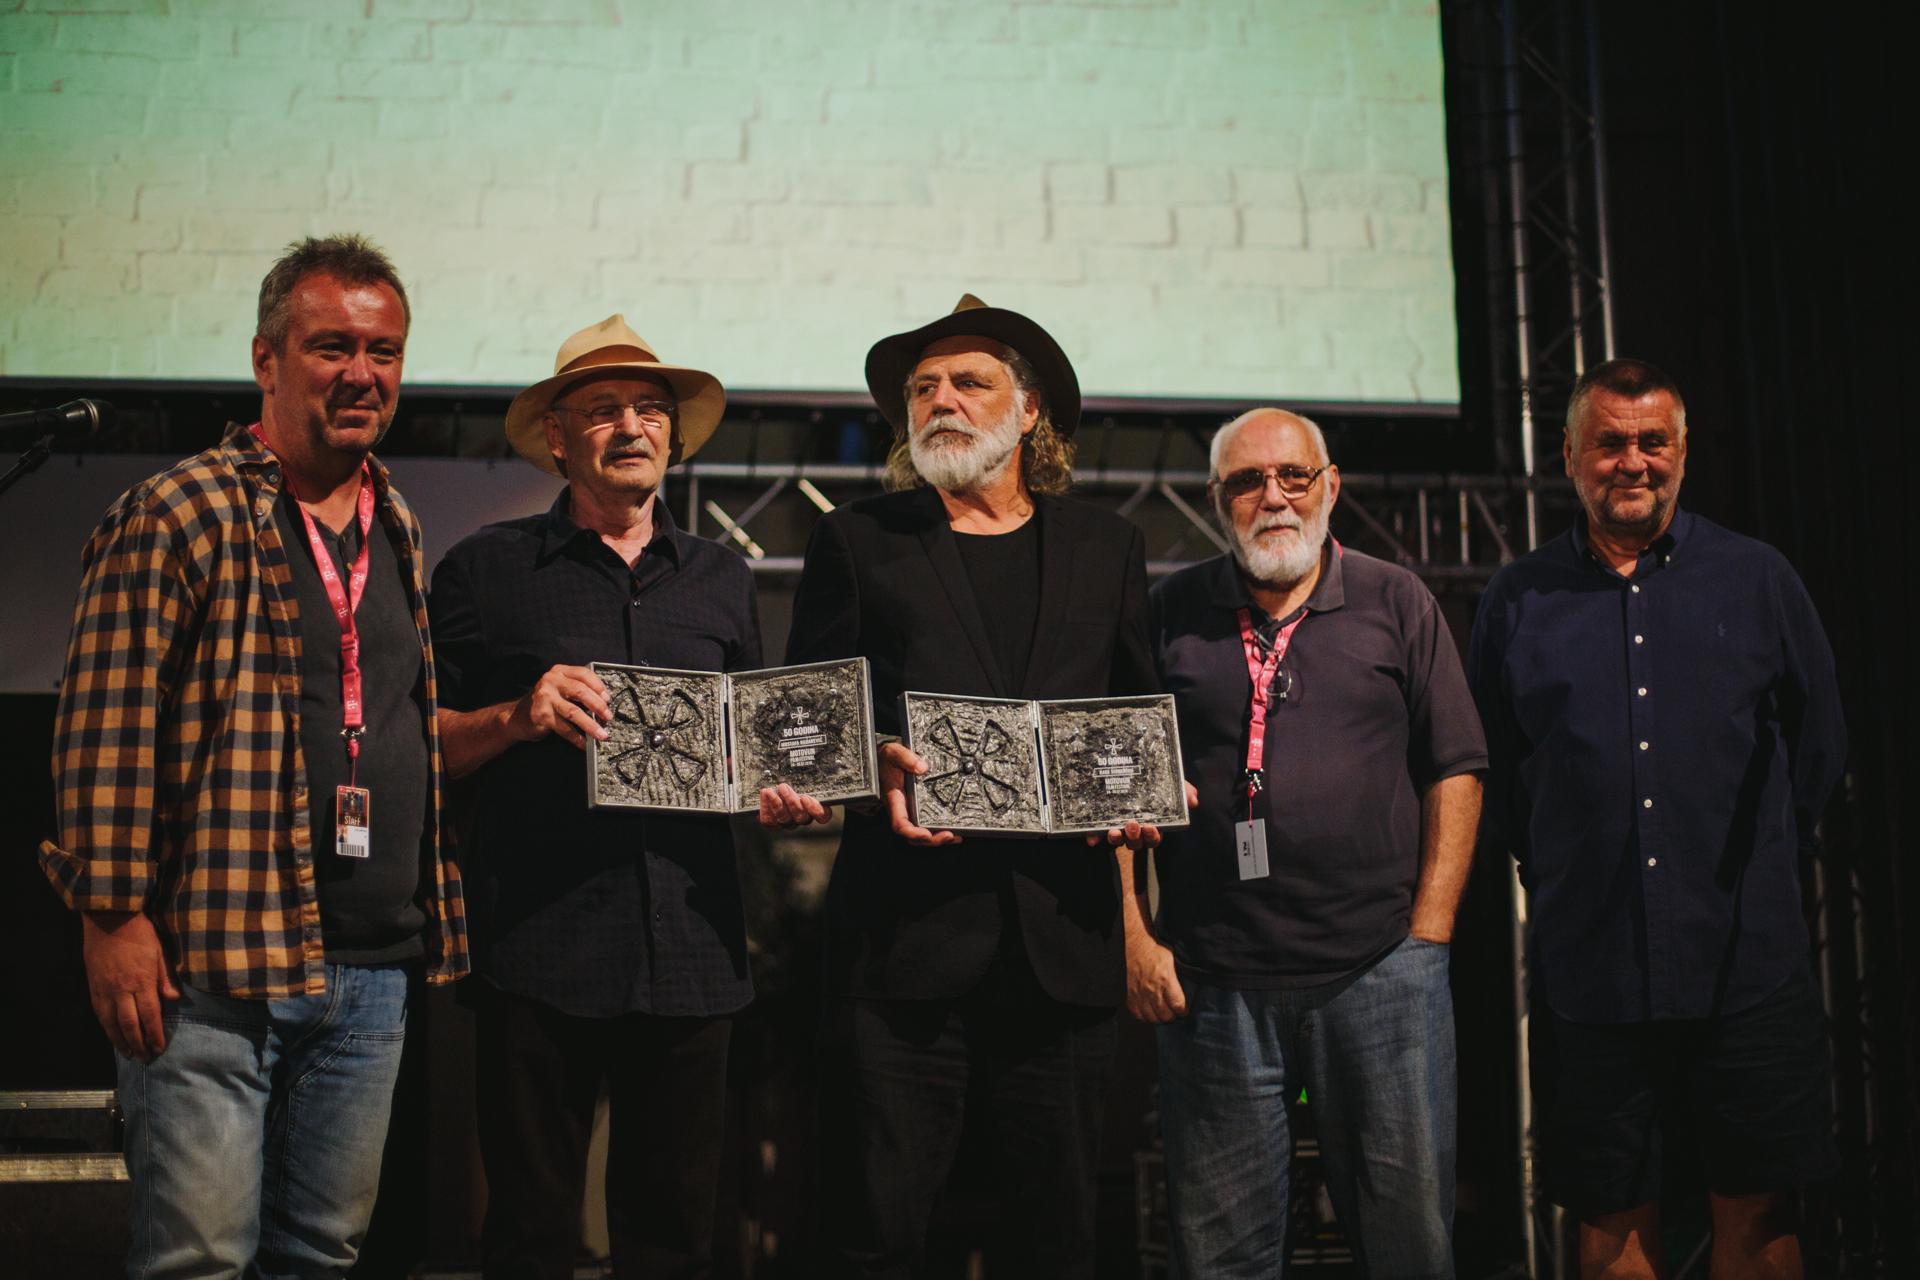 Igor Mirković, Mustafa Nadarević, Rade Šerbedžija, Nenad Puhovski i Rajko Grlić